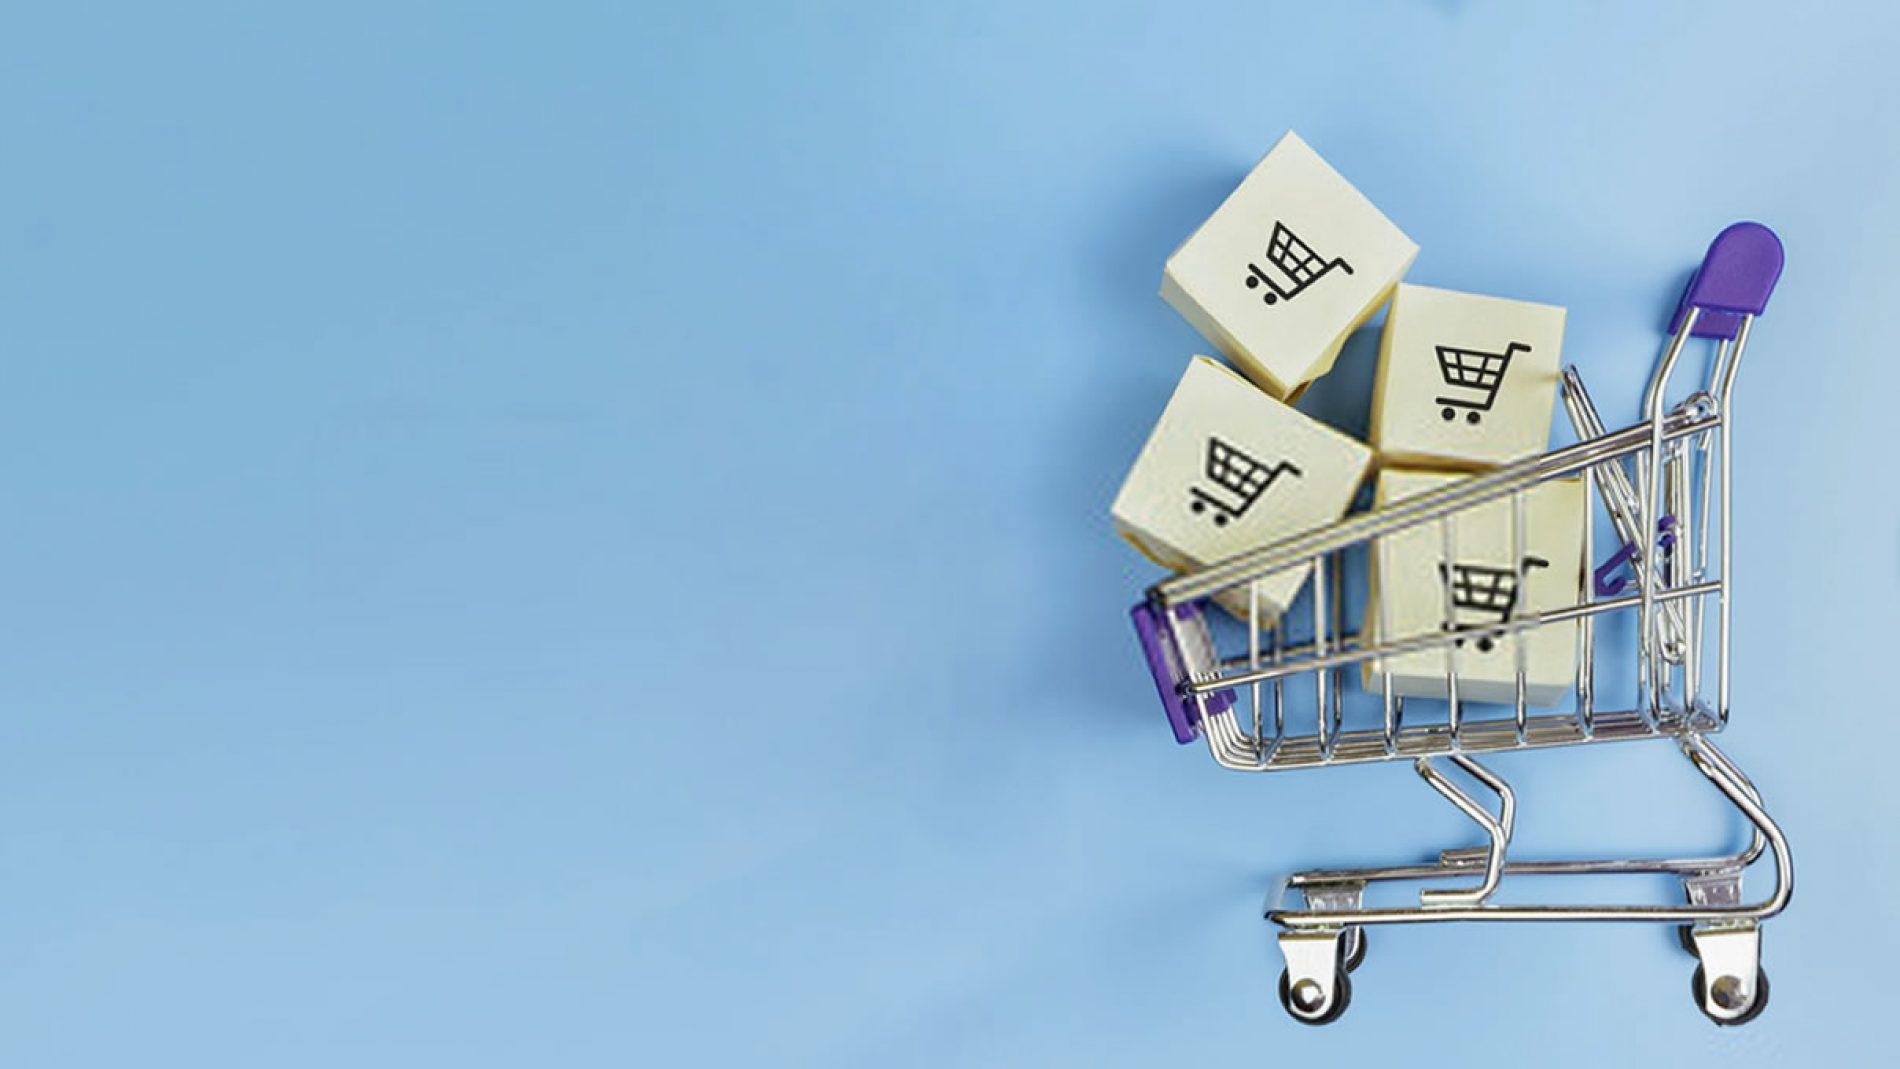 Compras na Black Friday 2020 – Dicas para garantir o menor preço